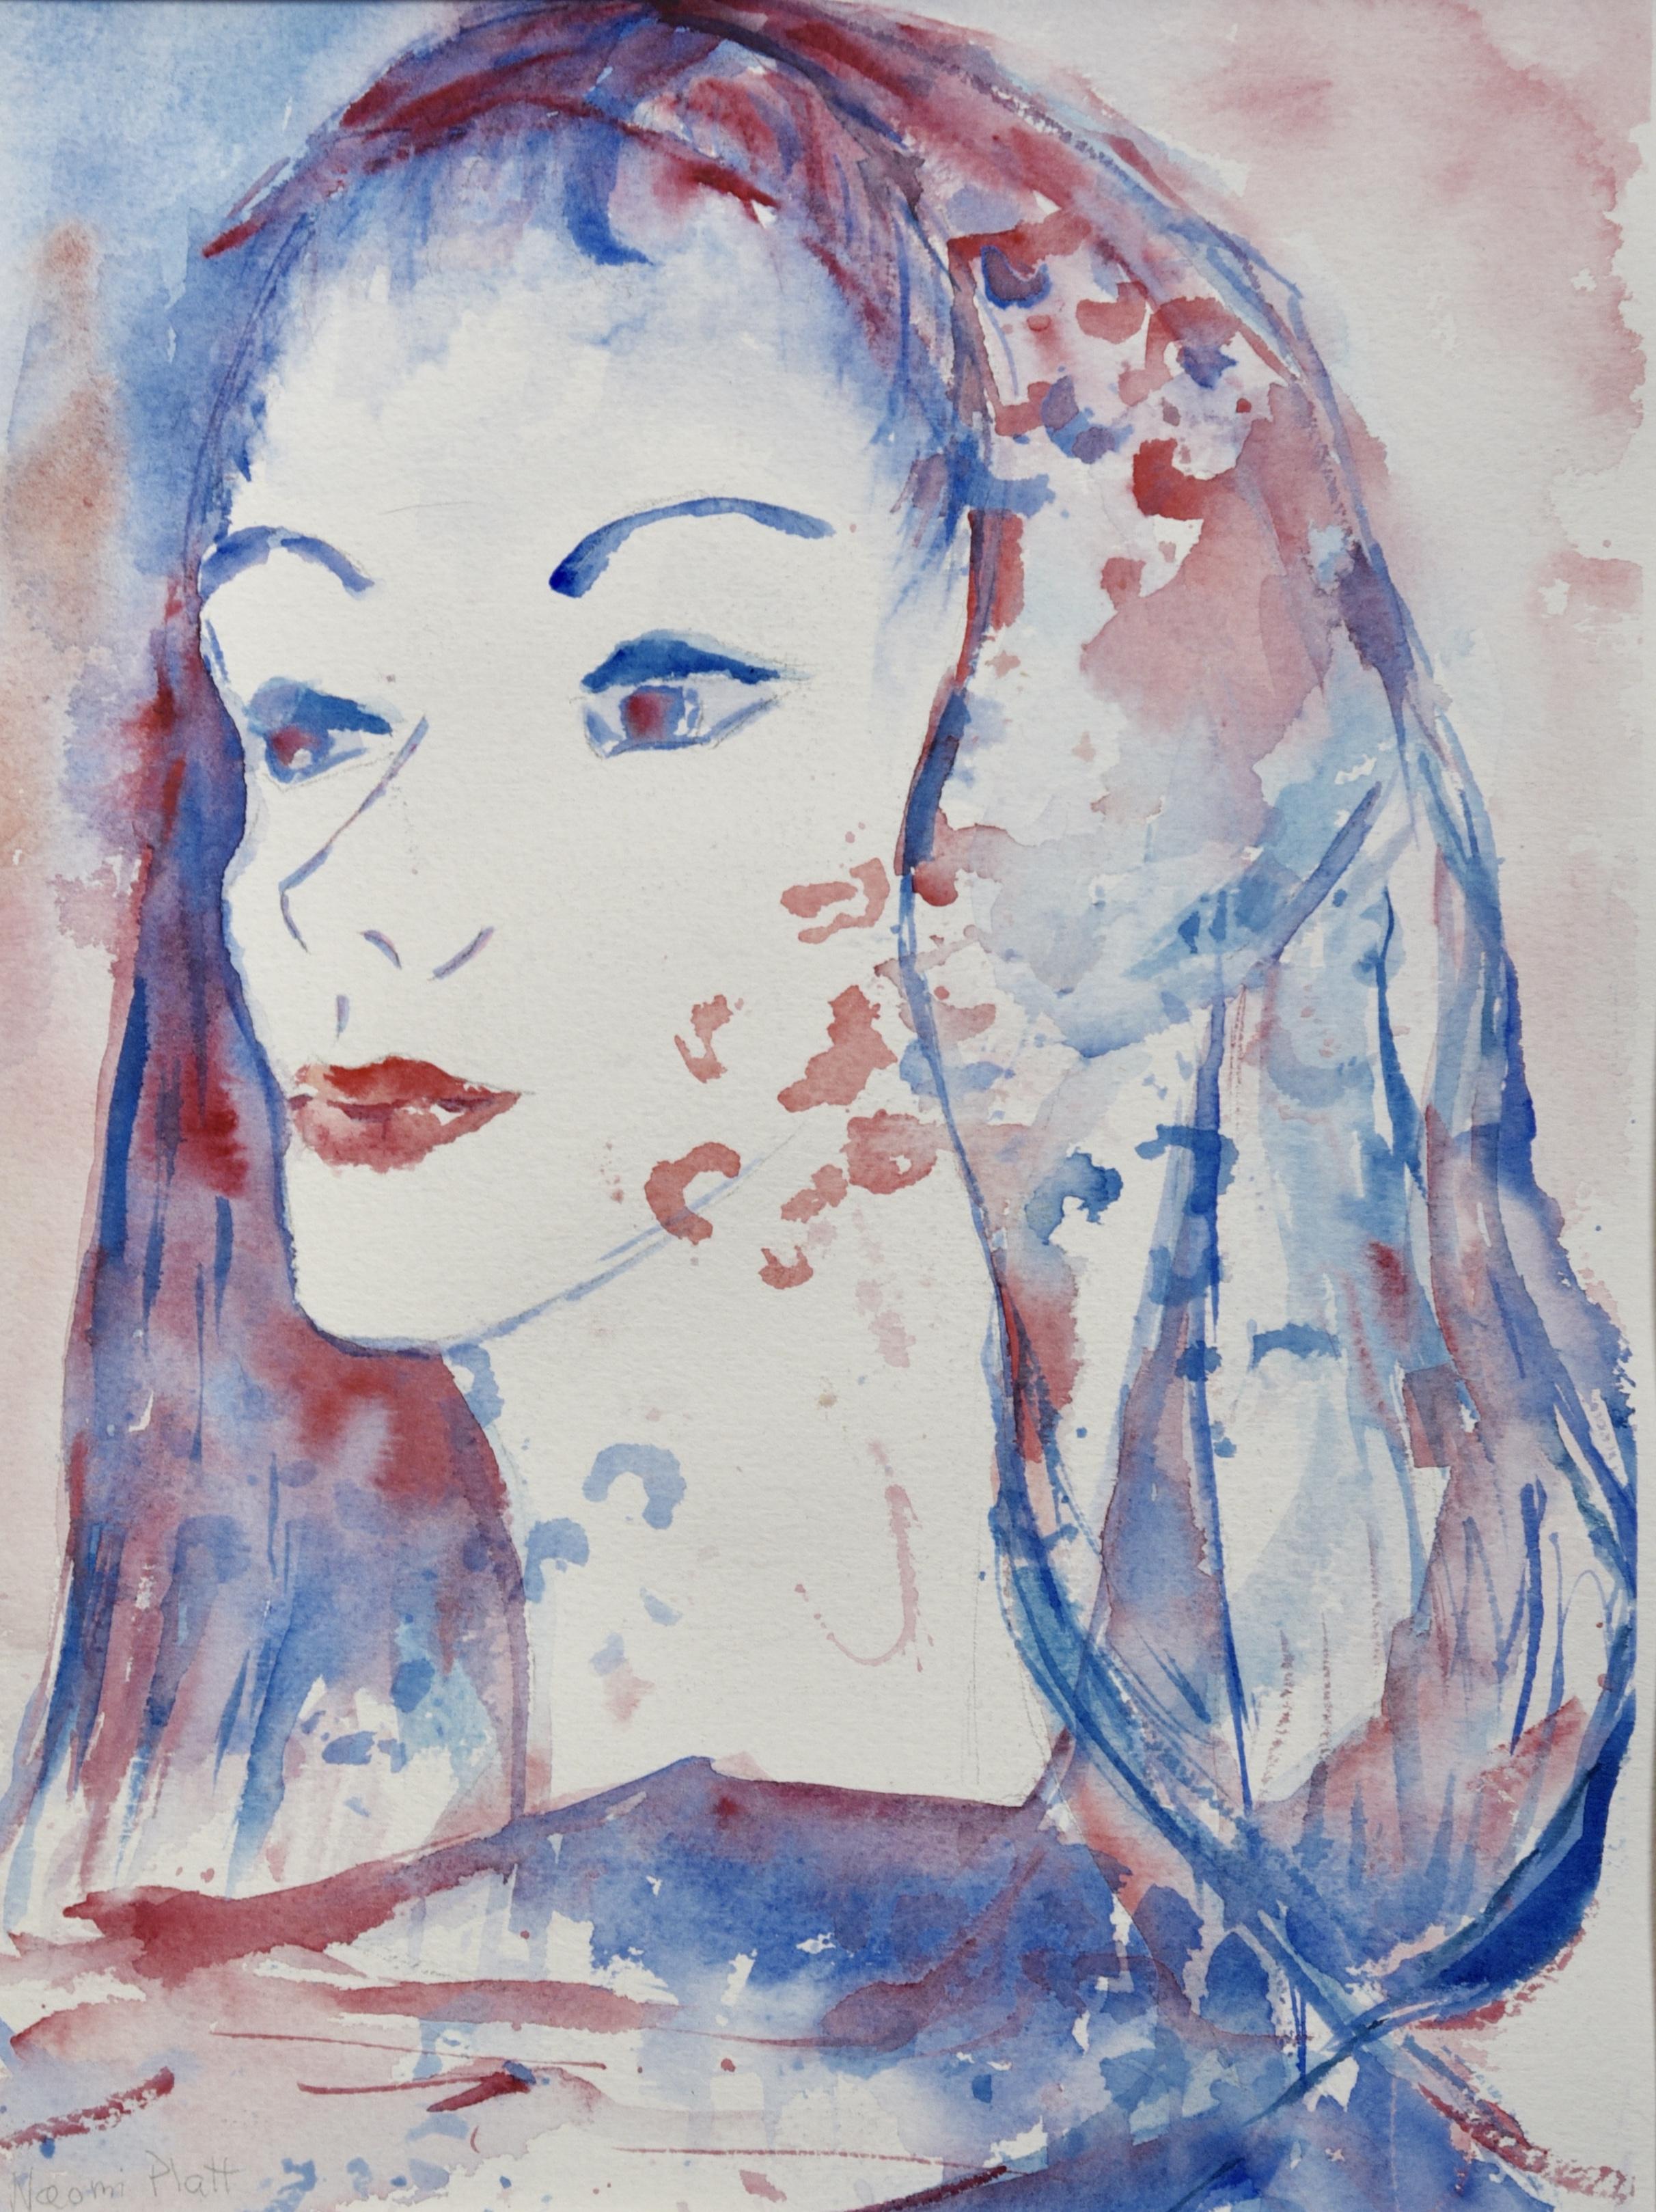 Lady in Blue_14x11_90.jpg